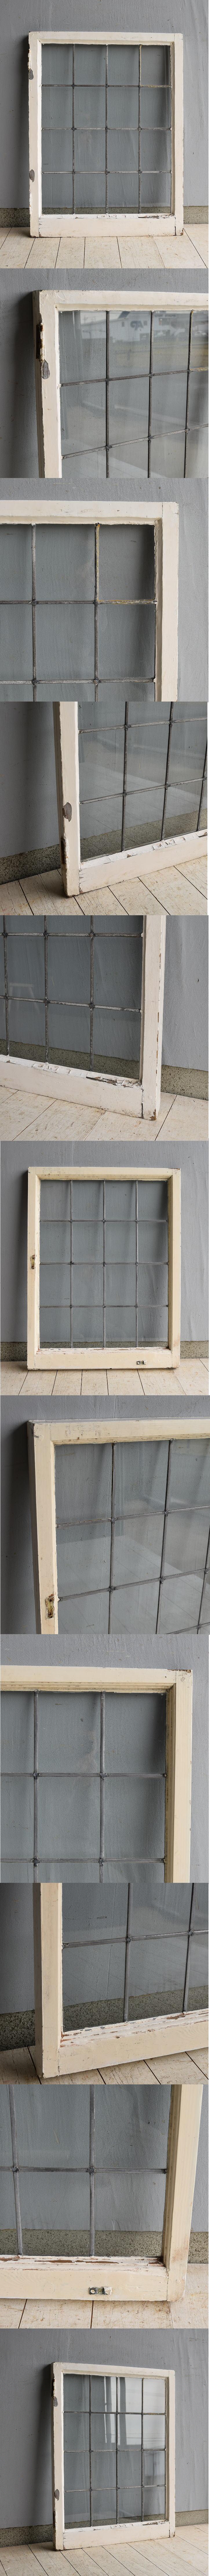 イギリス アンティーク 窓 格子窓 建具 7559